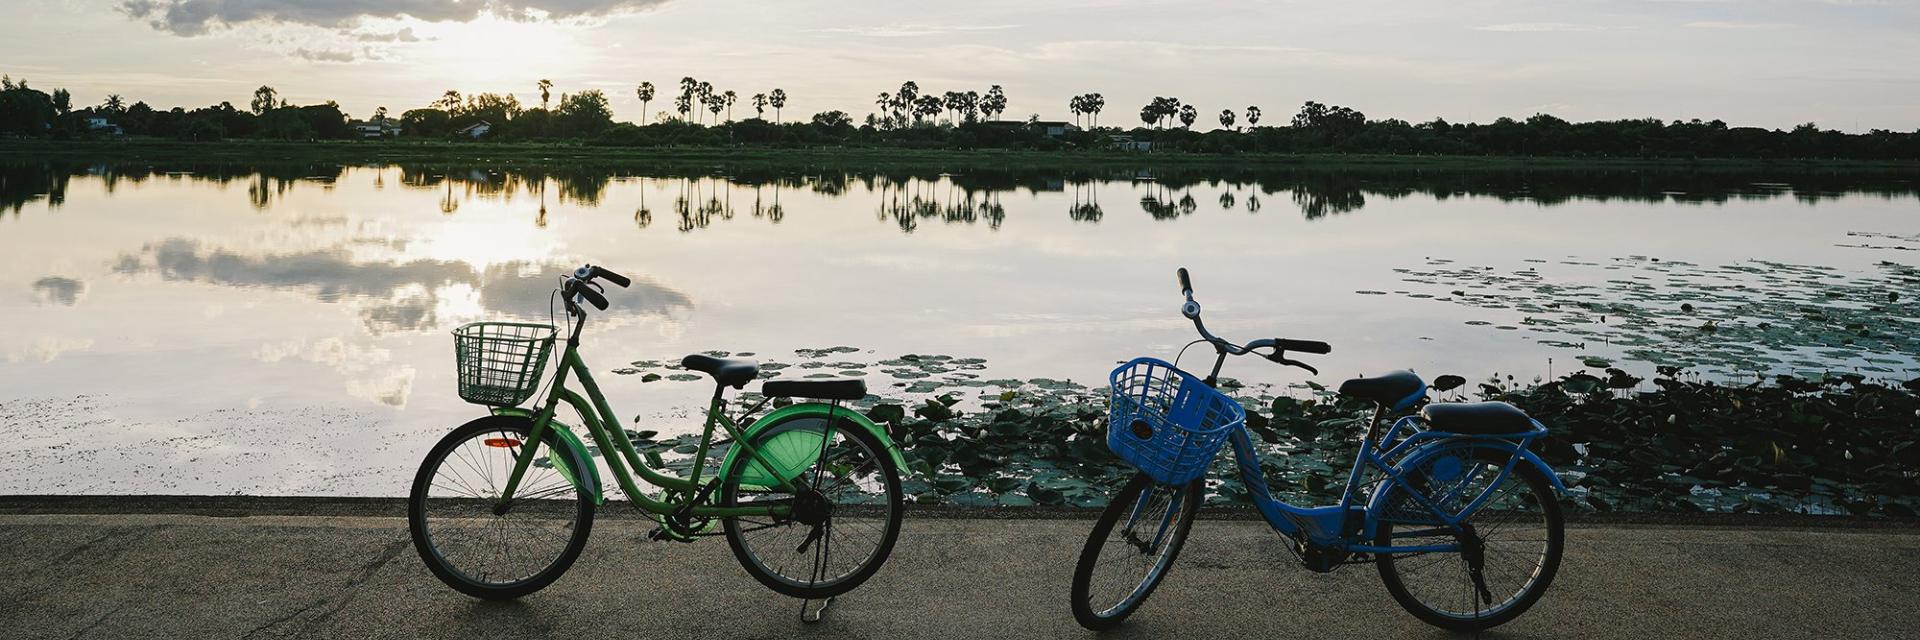 ปั่นจักรยาน ณ เกาะกลางน้ำห้วยน้ำคำ